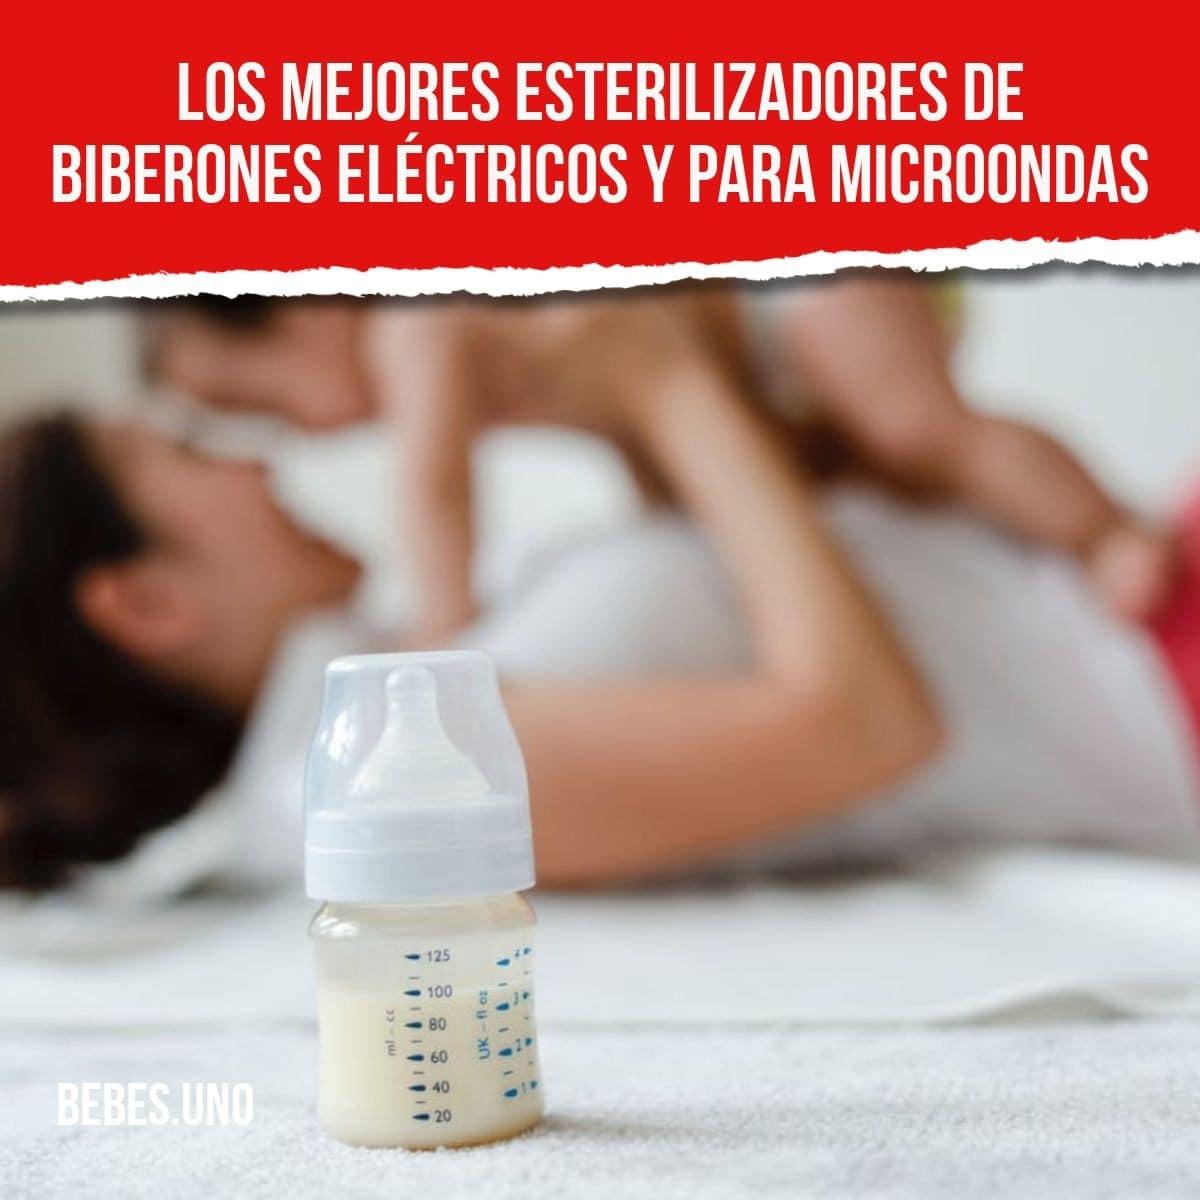 Los mejores esterilizadores de biberones eléctricos y para microondas